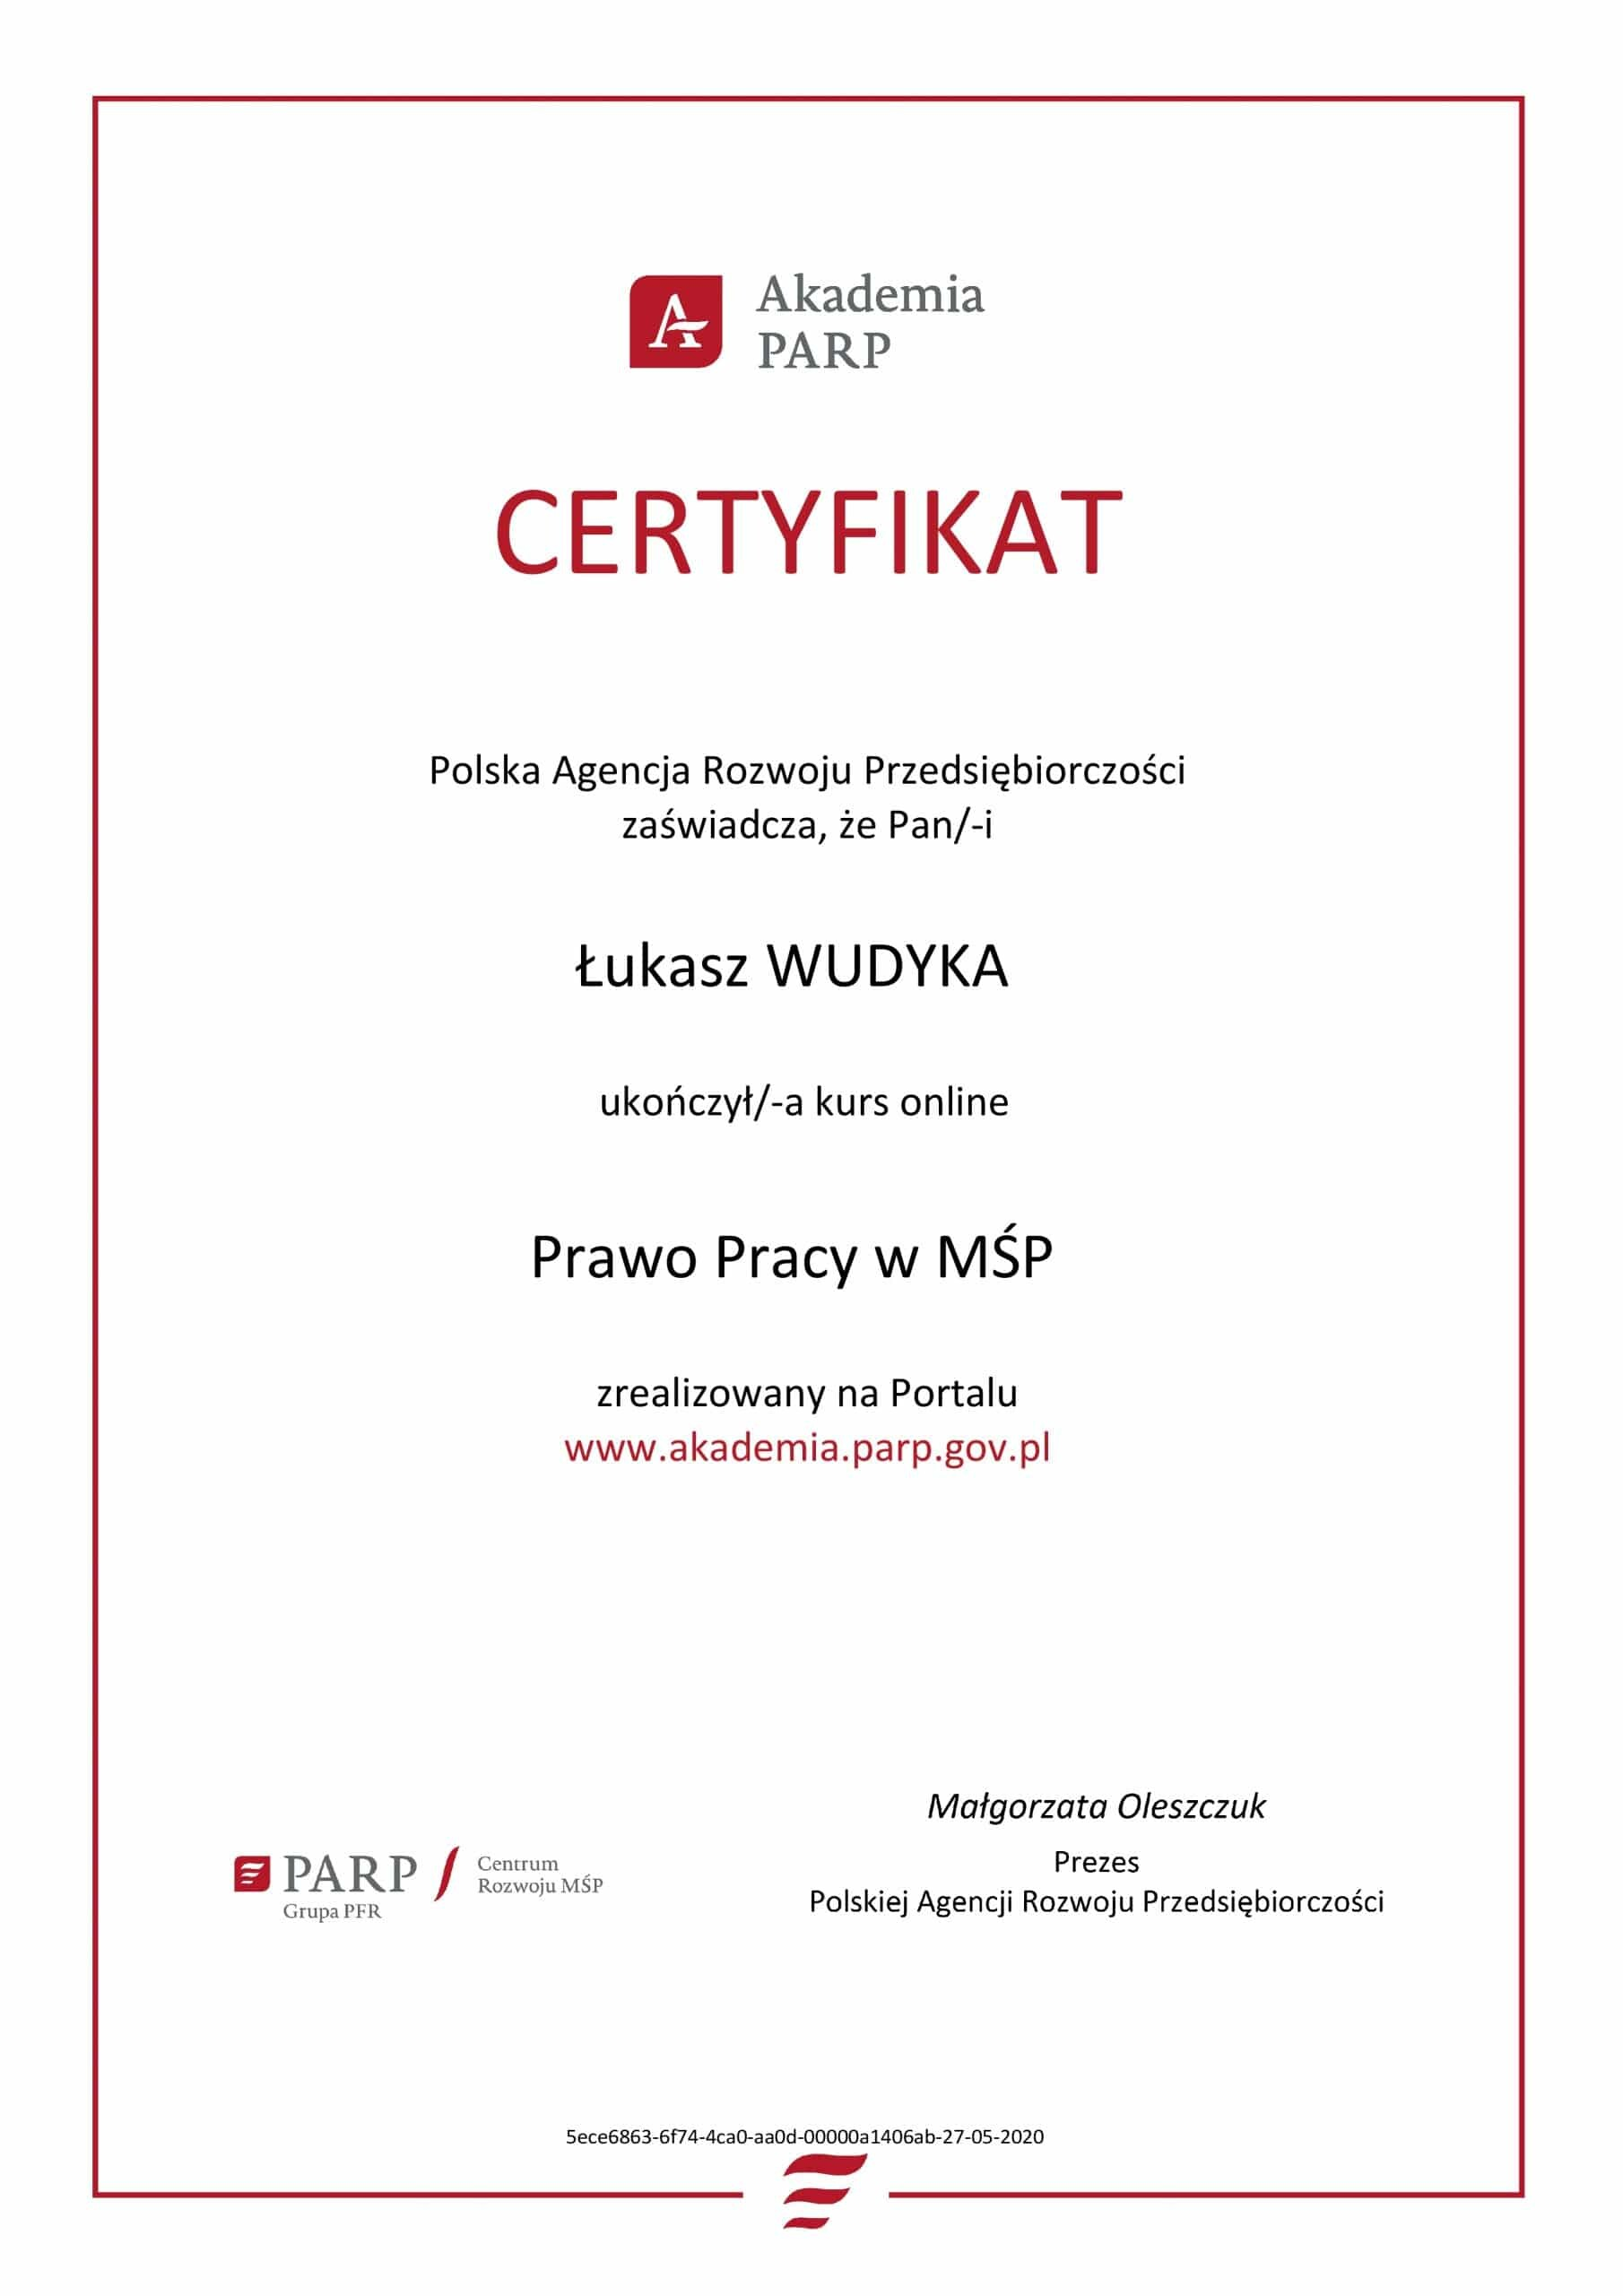 Łukasz Wudyka certyfikat Prawo Pracy w MŚP - Akademia PARP